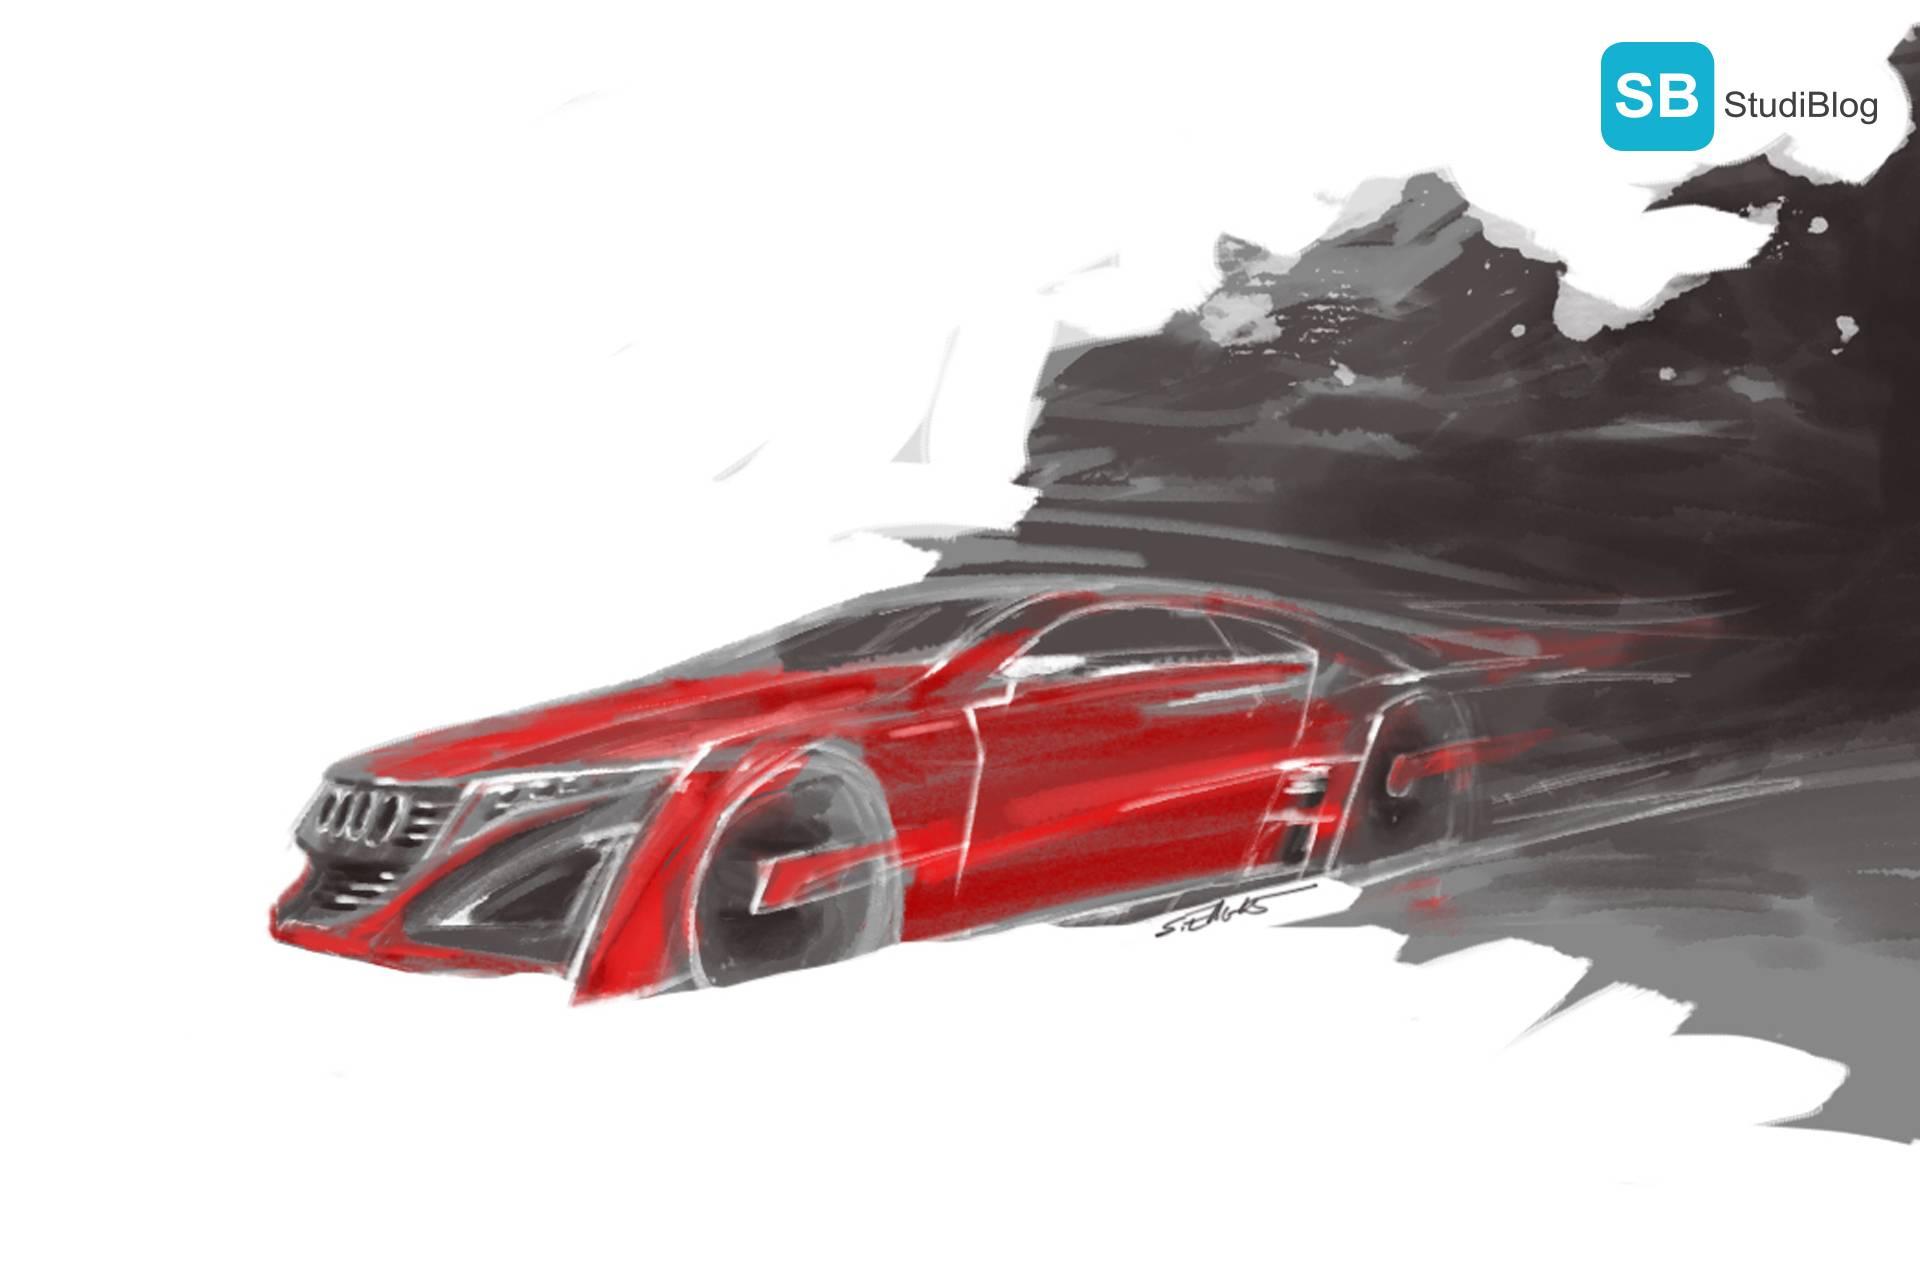 Zeichnung eines roten, sportlichen Audi-Modells.